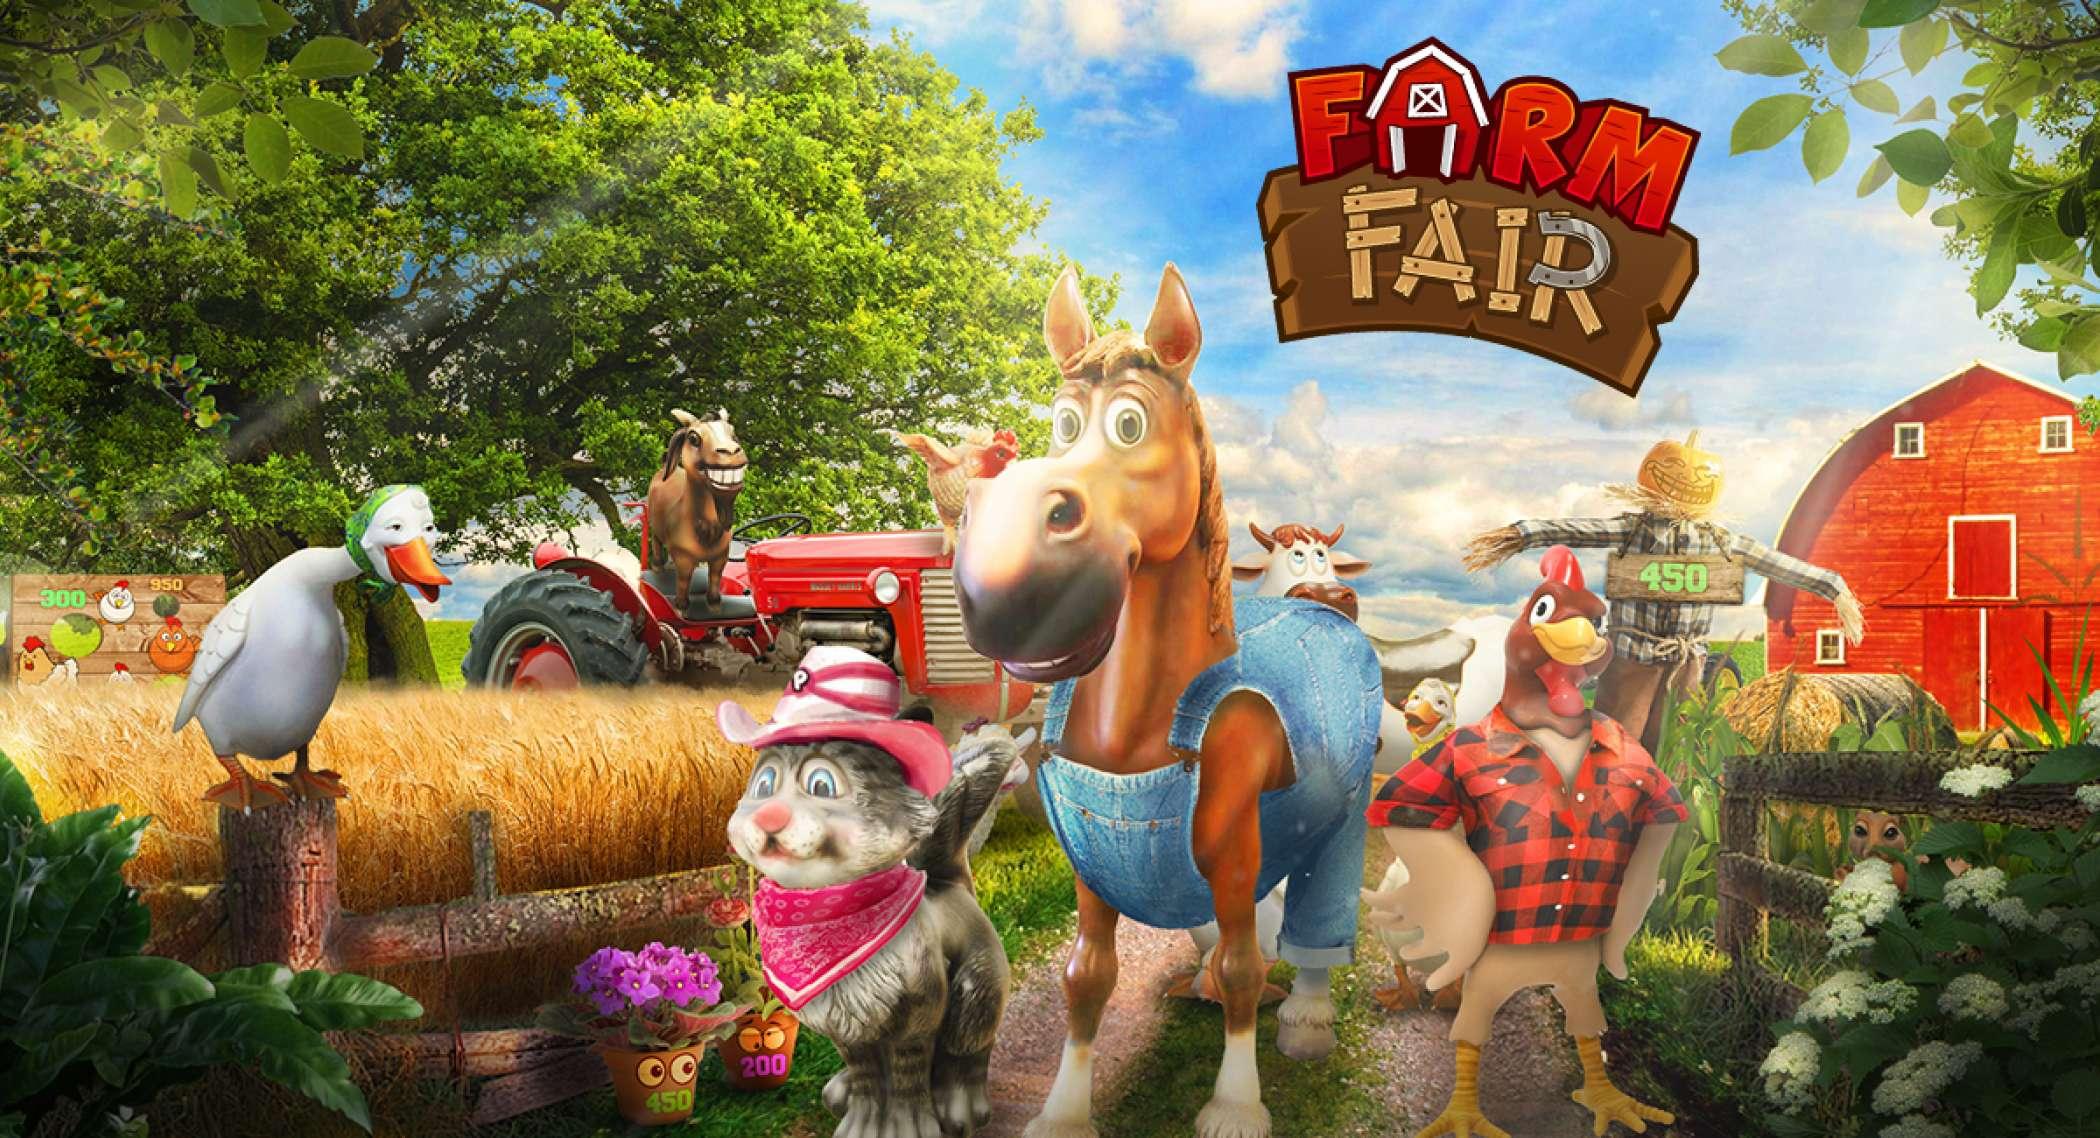 Farm Fair 4